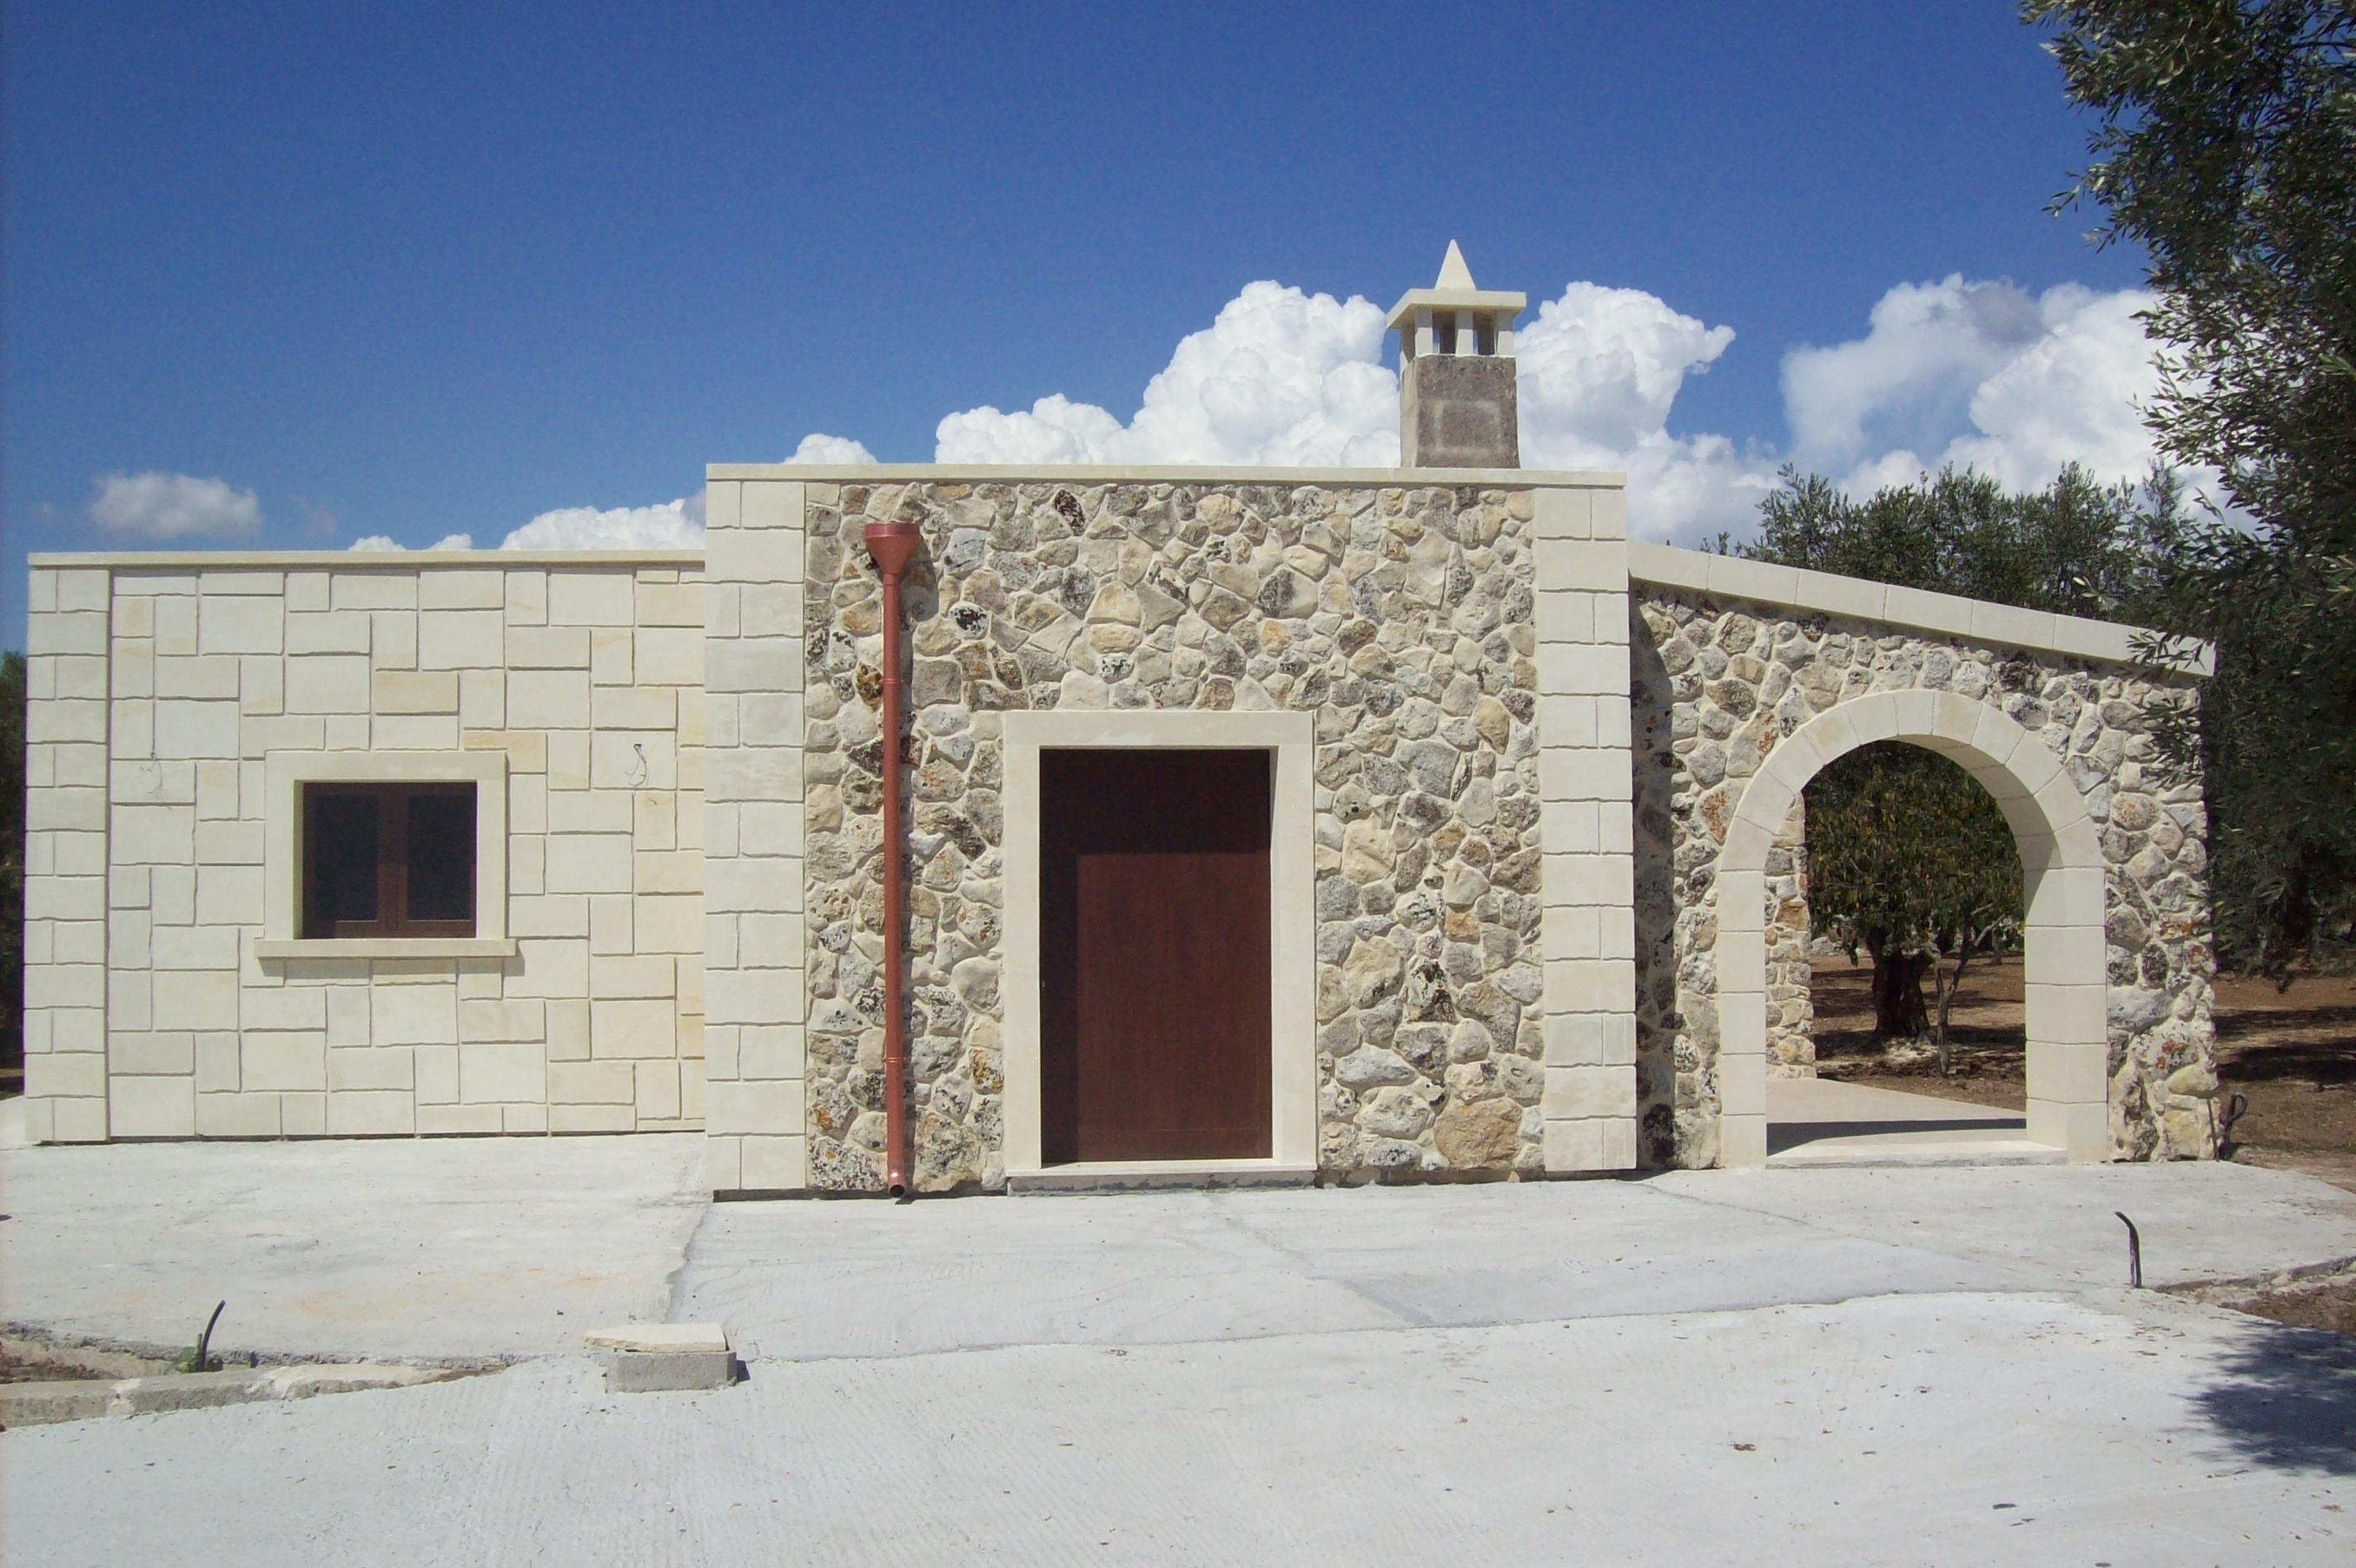 La pietra leccese pietra leccese estrazione e for La pietra tradizionale casa santorini